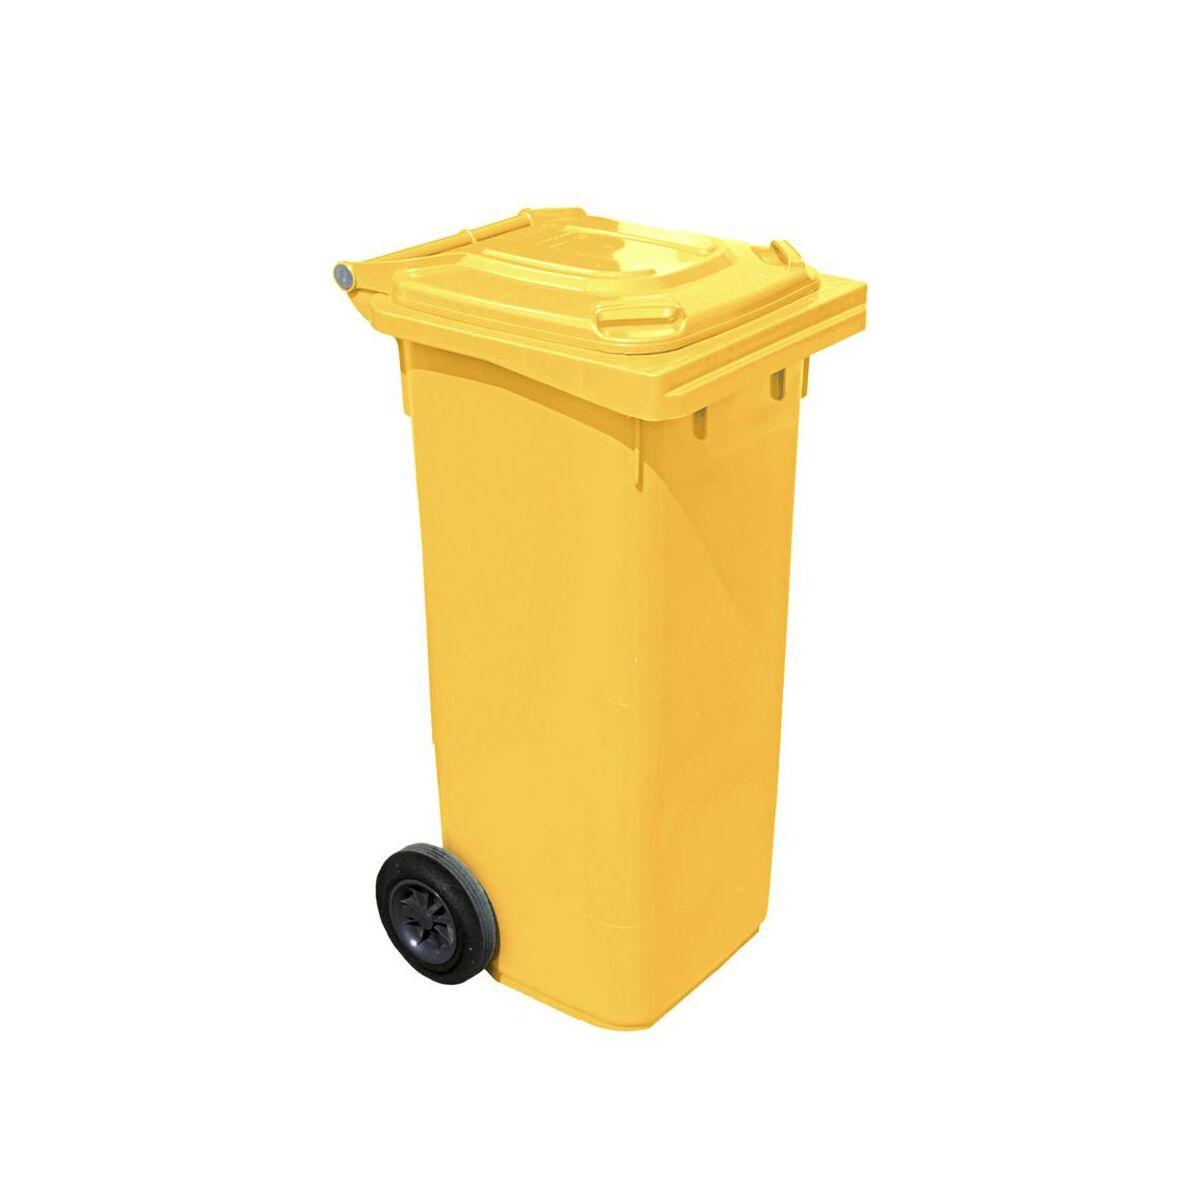 Kosz Na Smieci 120 L Arregui Zolty Na Odpady Plastikowe I Metalowe Kosze Na Smieci Pojemniki Na Odpady W Atrakcyjnej Cenie W Sklepach Leroy Merlin